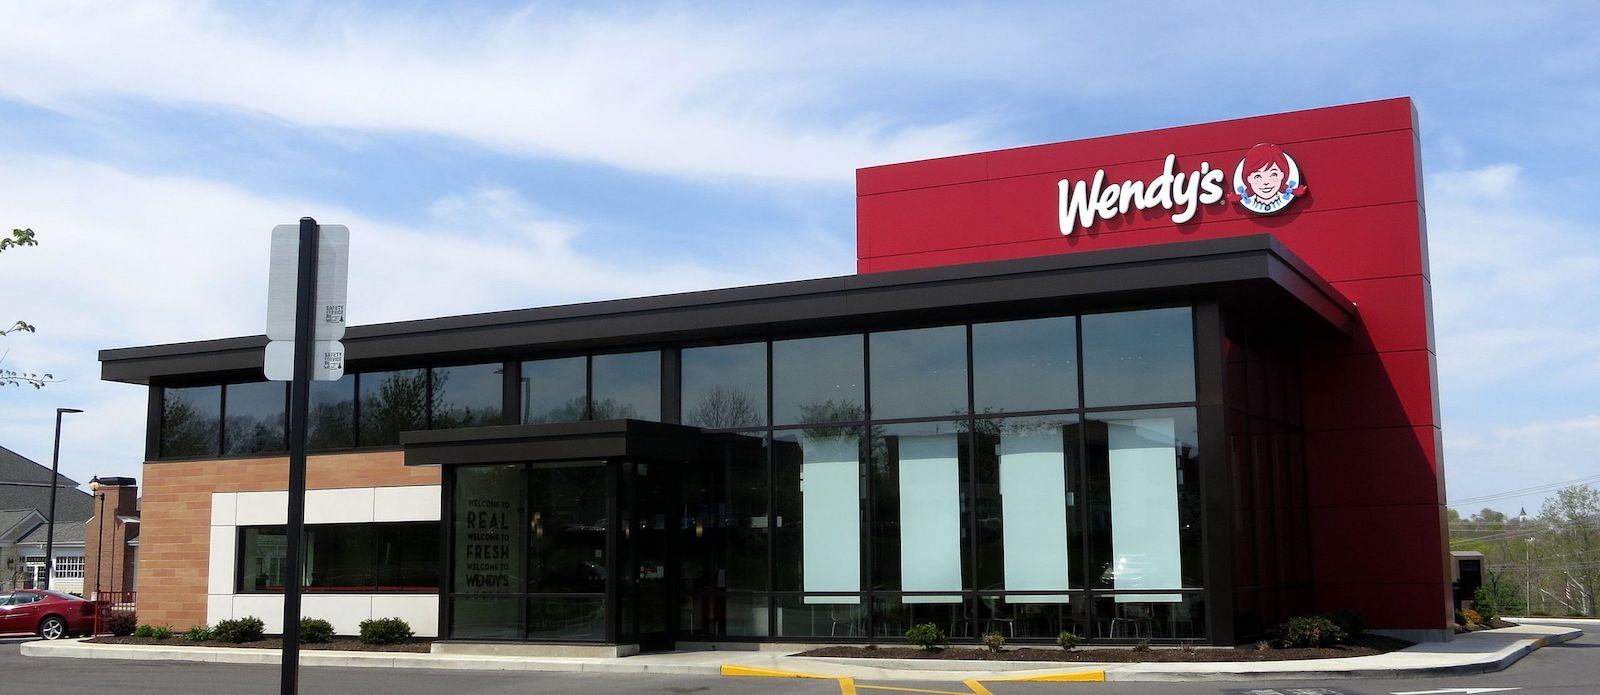 Wendys_flagship_restaurant_(Dublin,_Ohio)